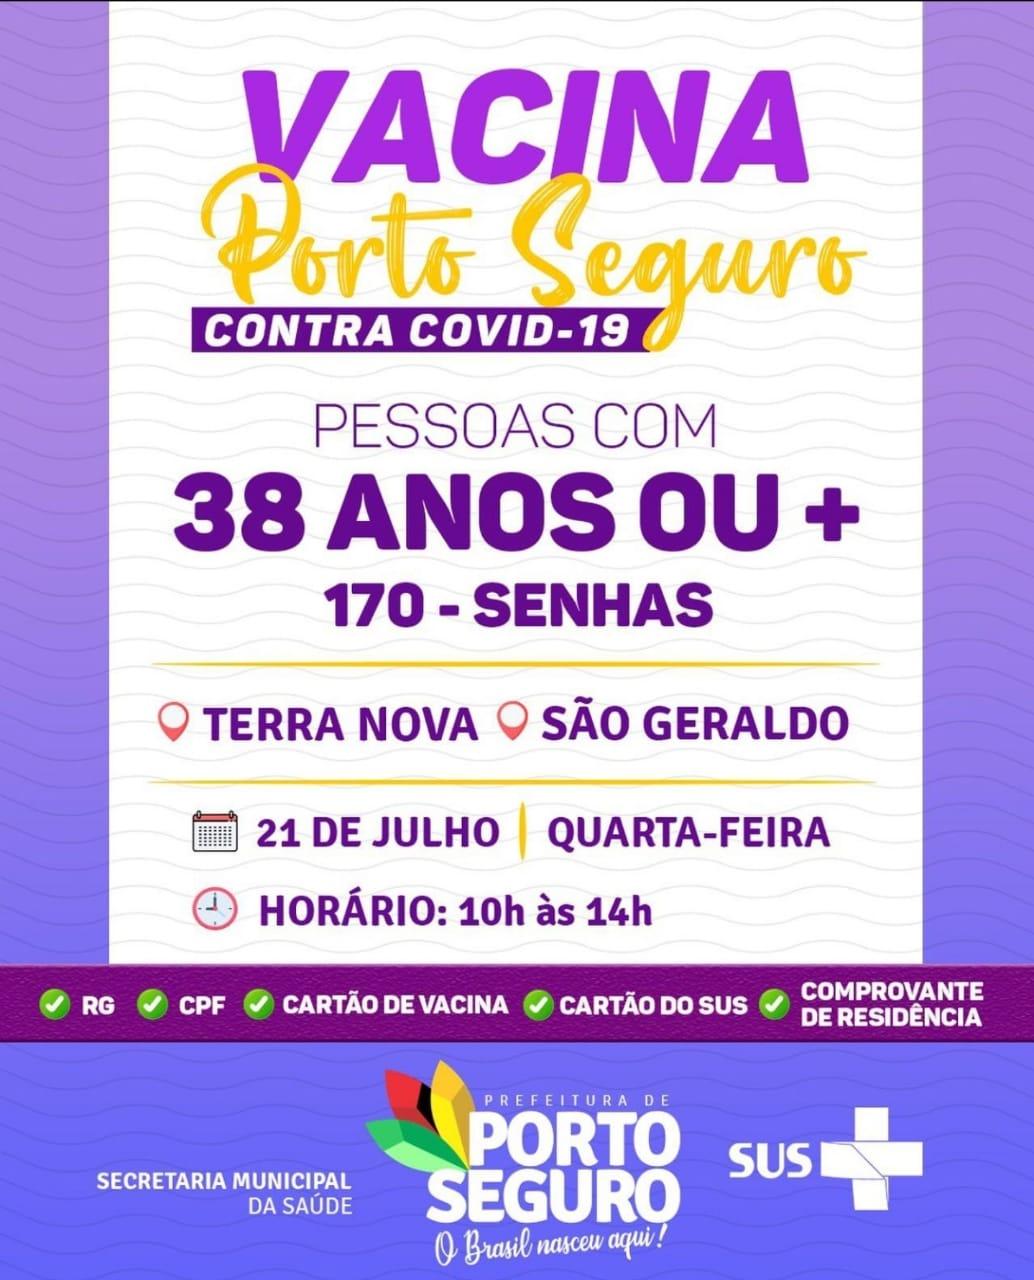 Vacina Porto Seguro contra Covid-19; cronograma de vacinação de 21 a 22 de julho 23